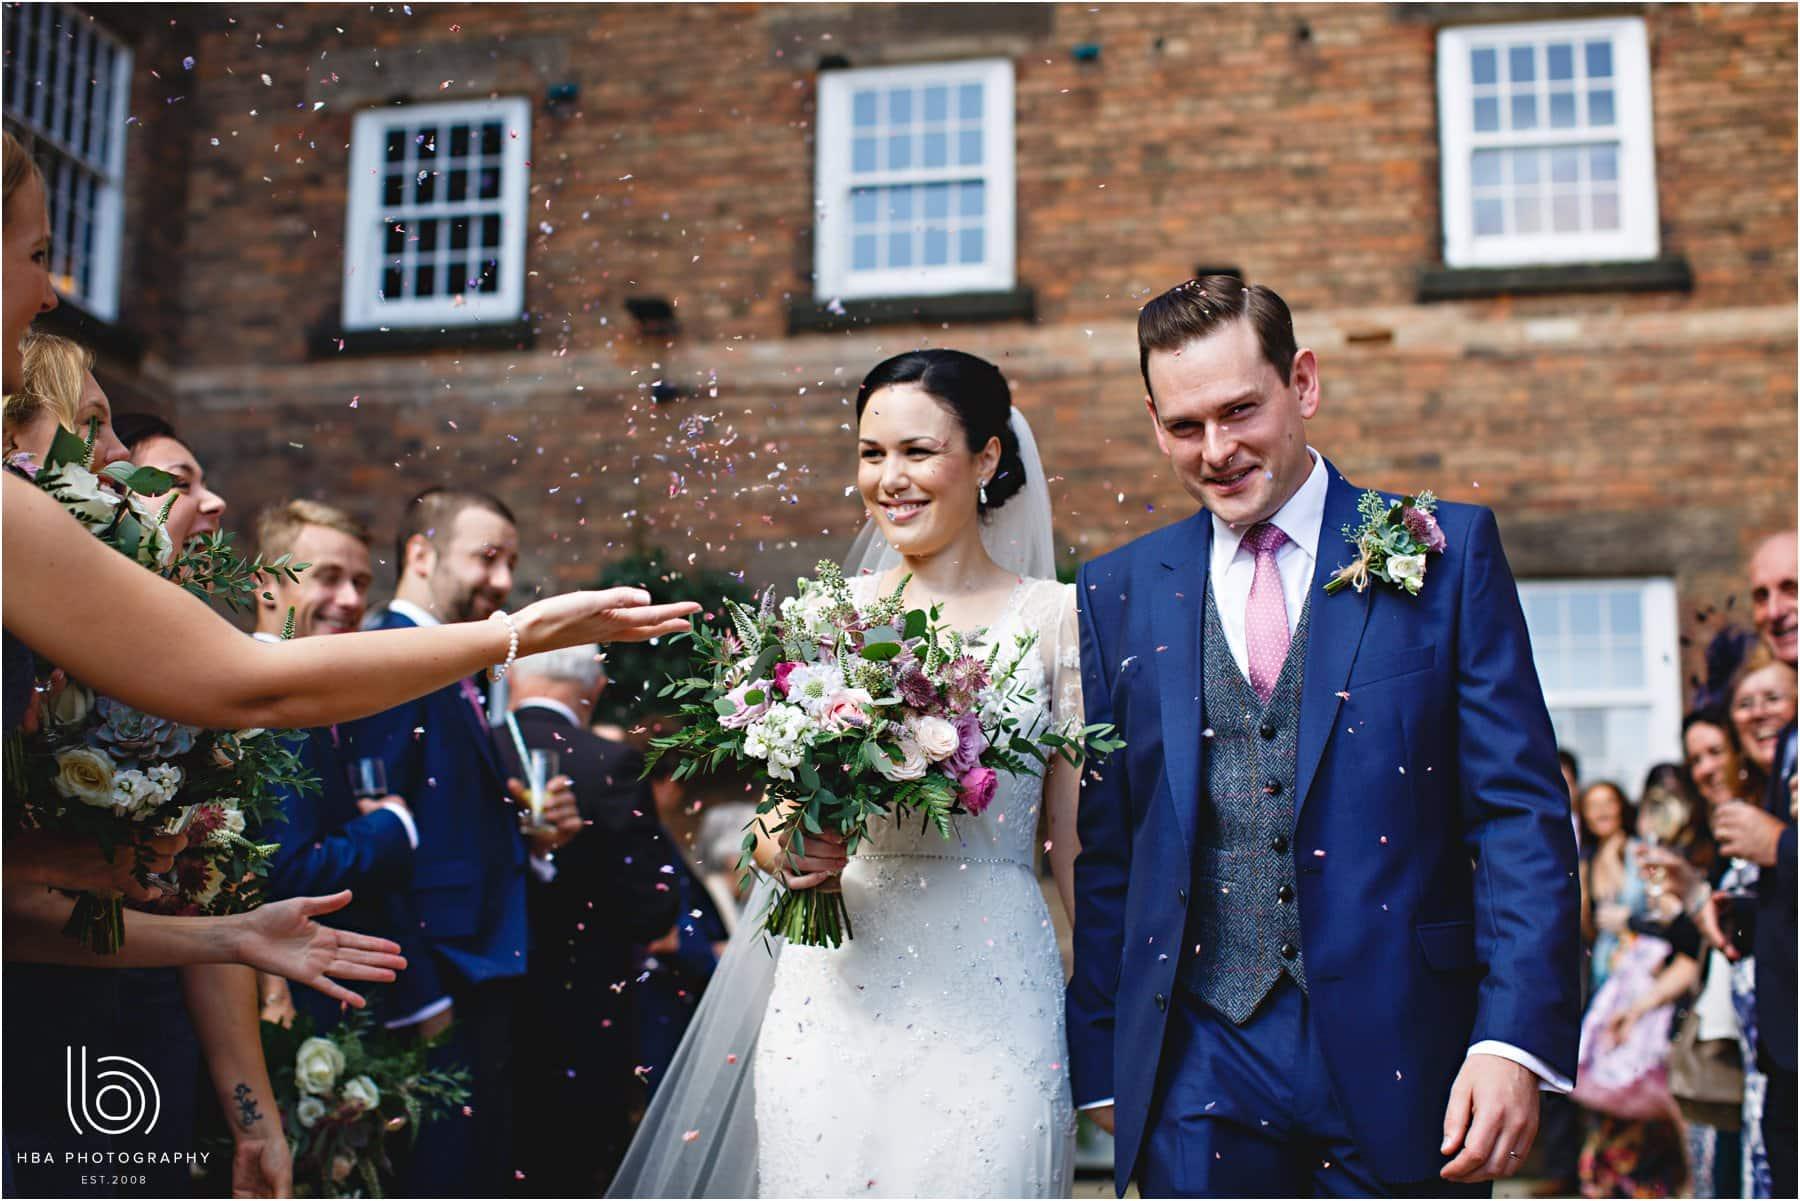 the bride & groom and confetti